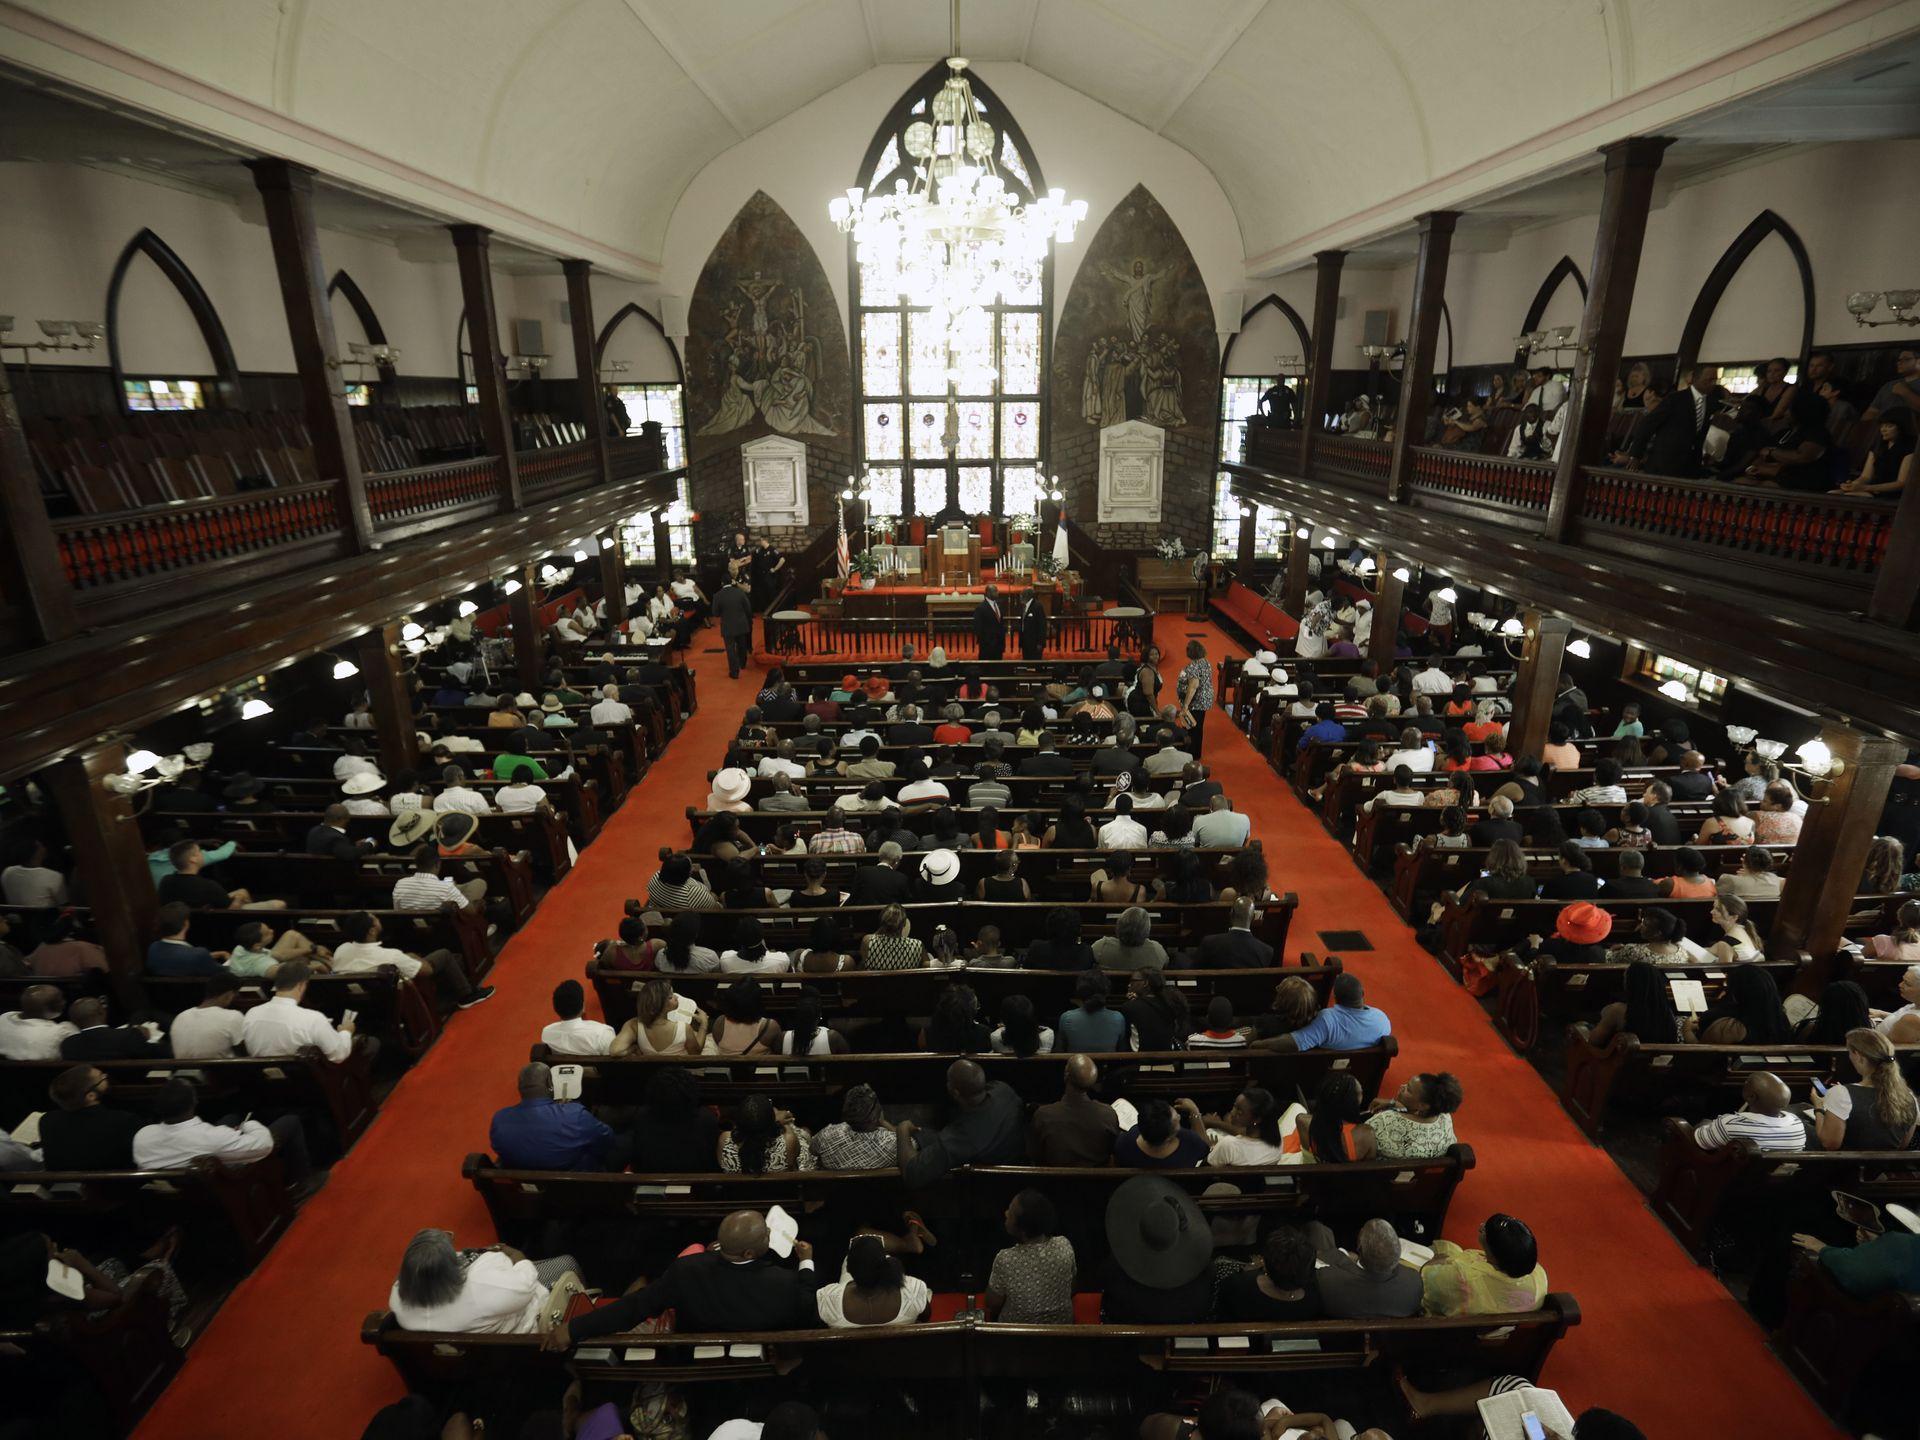 sc church